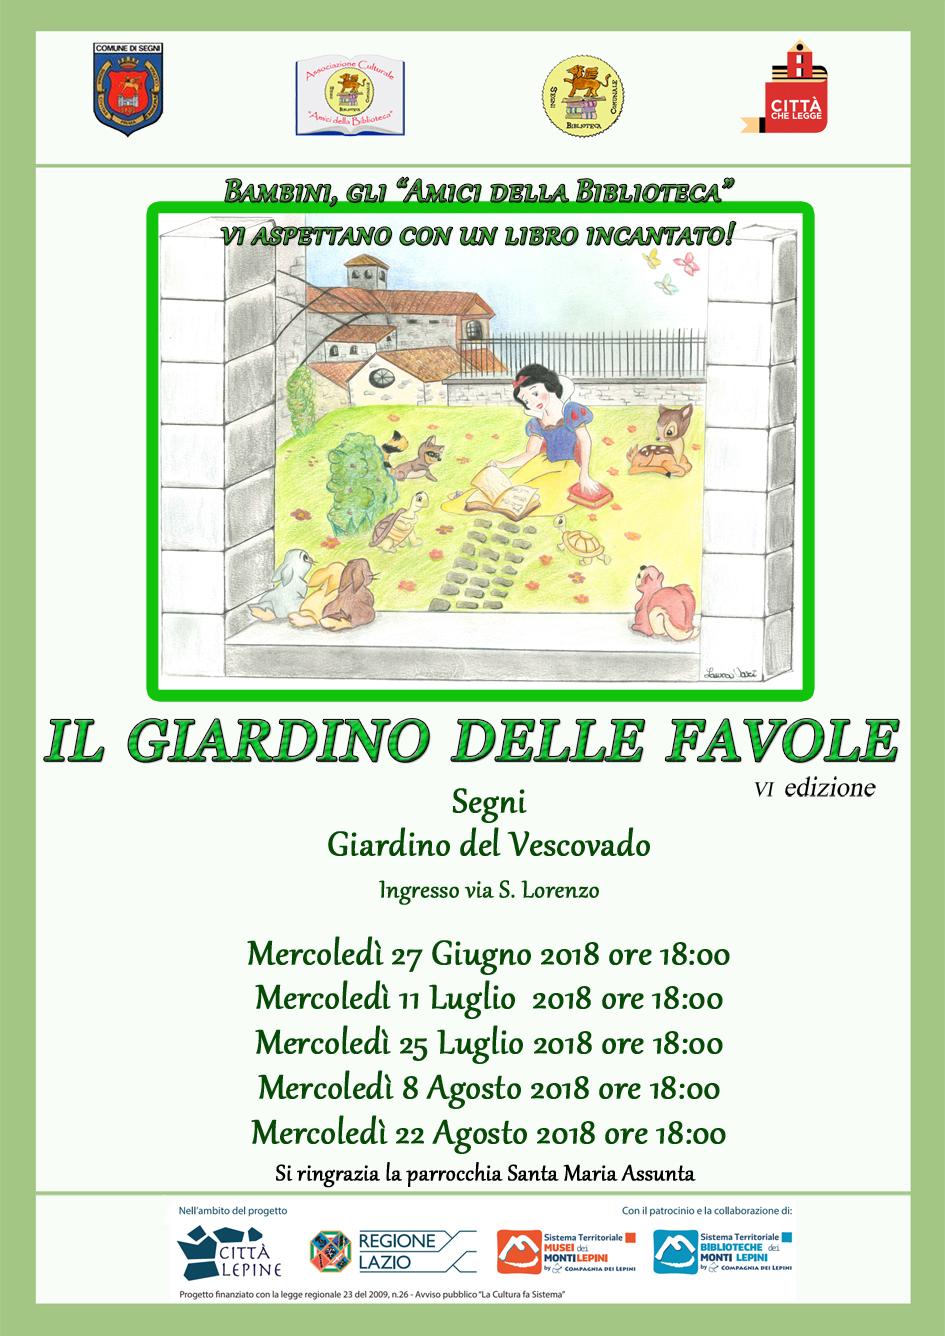 Città Lepine Segni: Il giardino delle favole